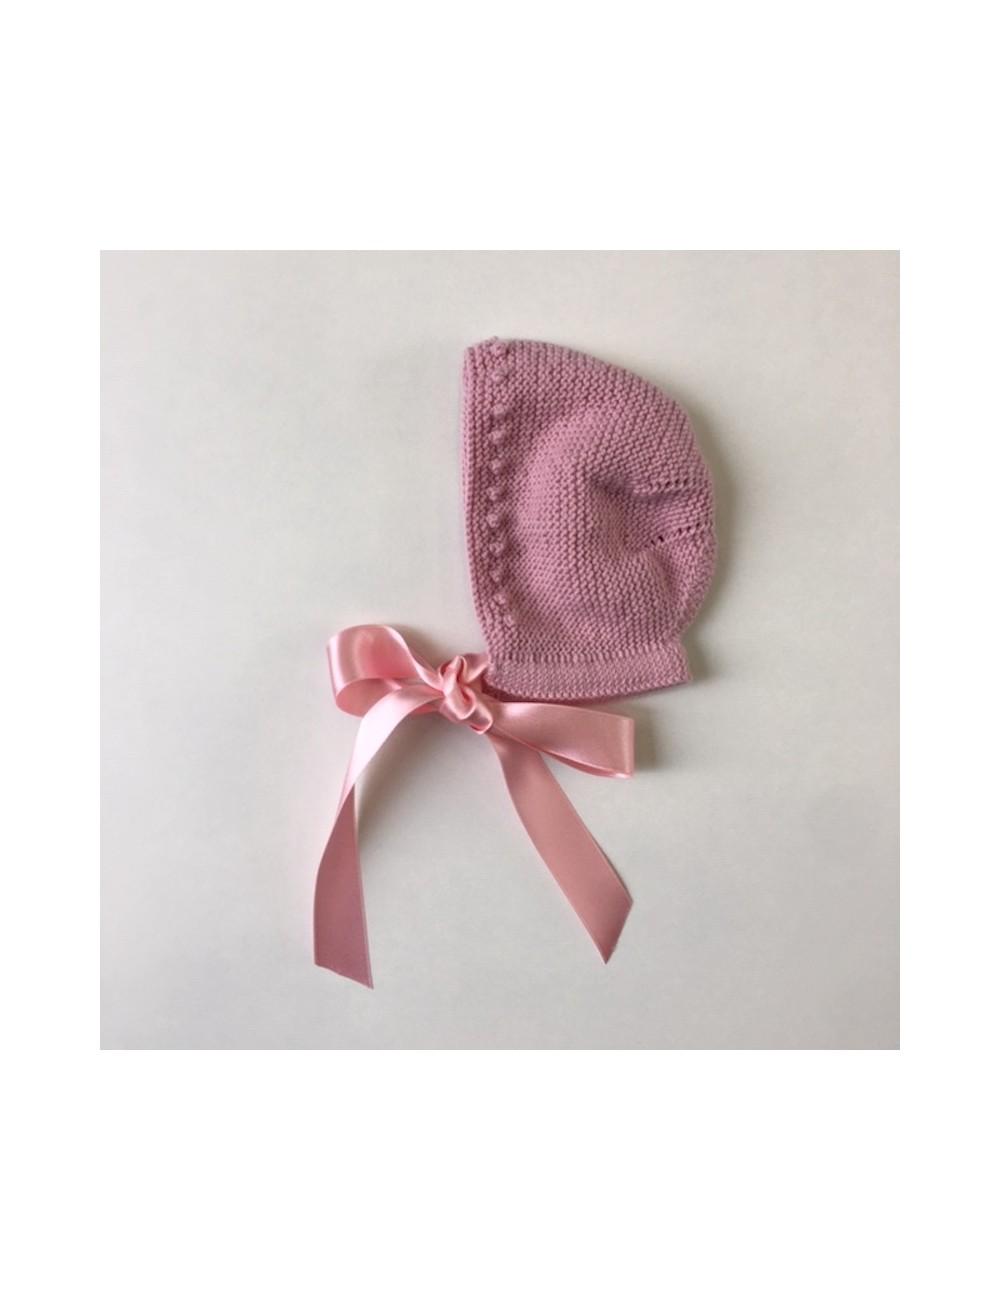 Capota tejida a mano de lana merino 100% de nuestra marca exclusiva Olivo y paniculata.